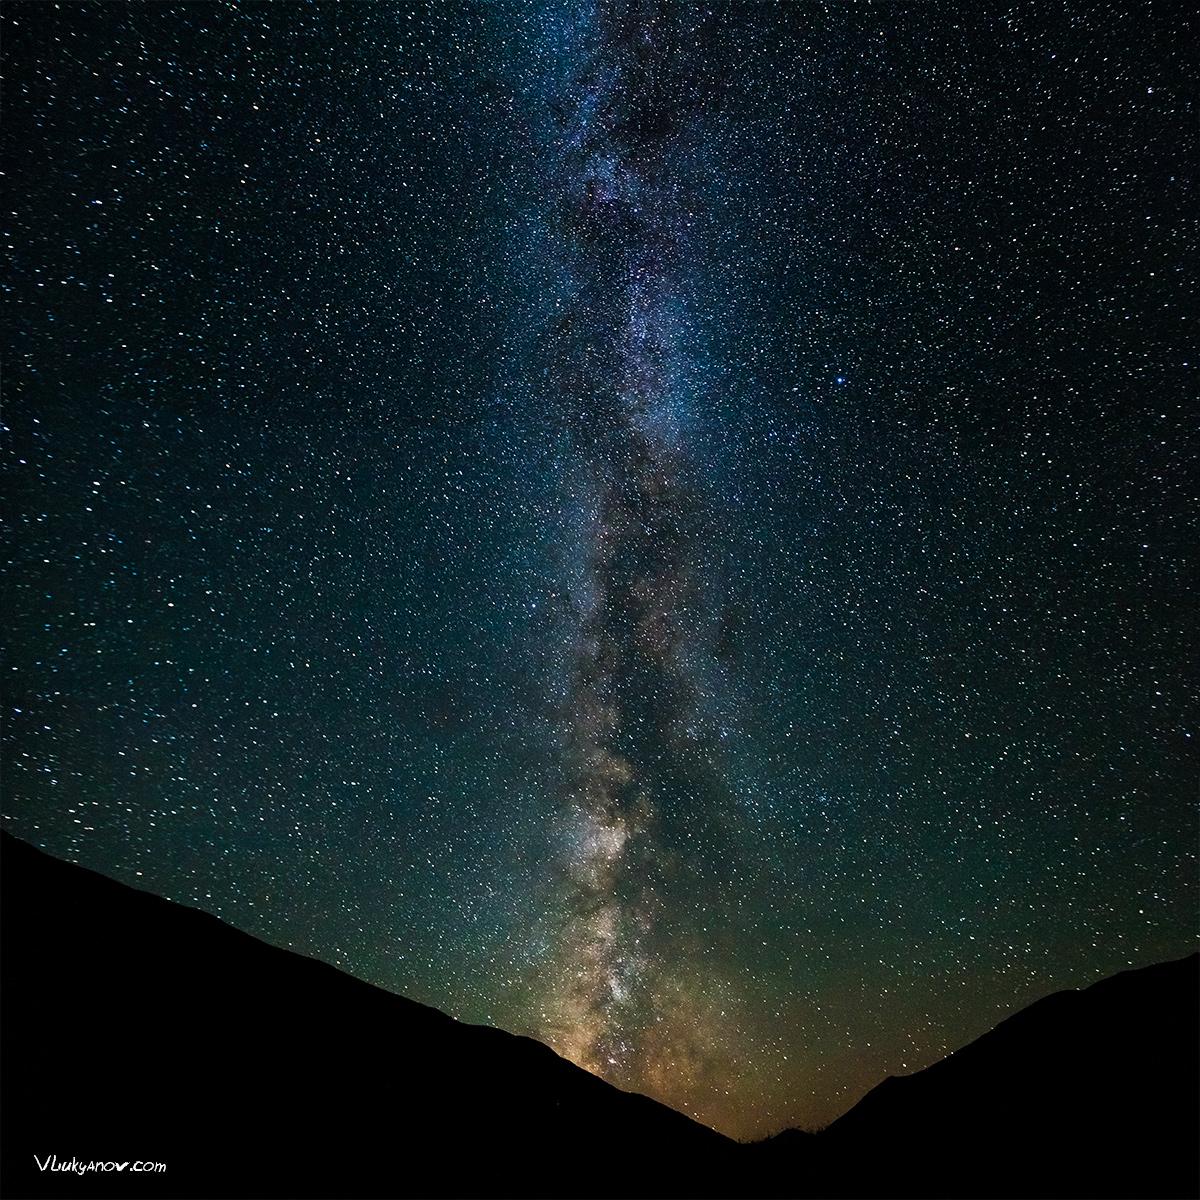 Владимир Лукьянов, Фотограф, поход, природа, Грузия, Сванетия, горы, небо, звезды, млечный путь, астрономия, астрофотография